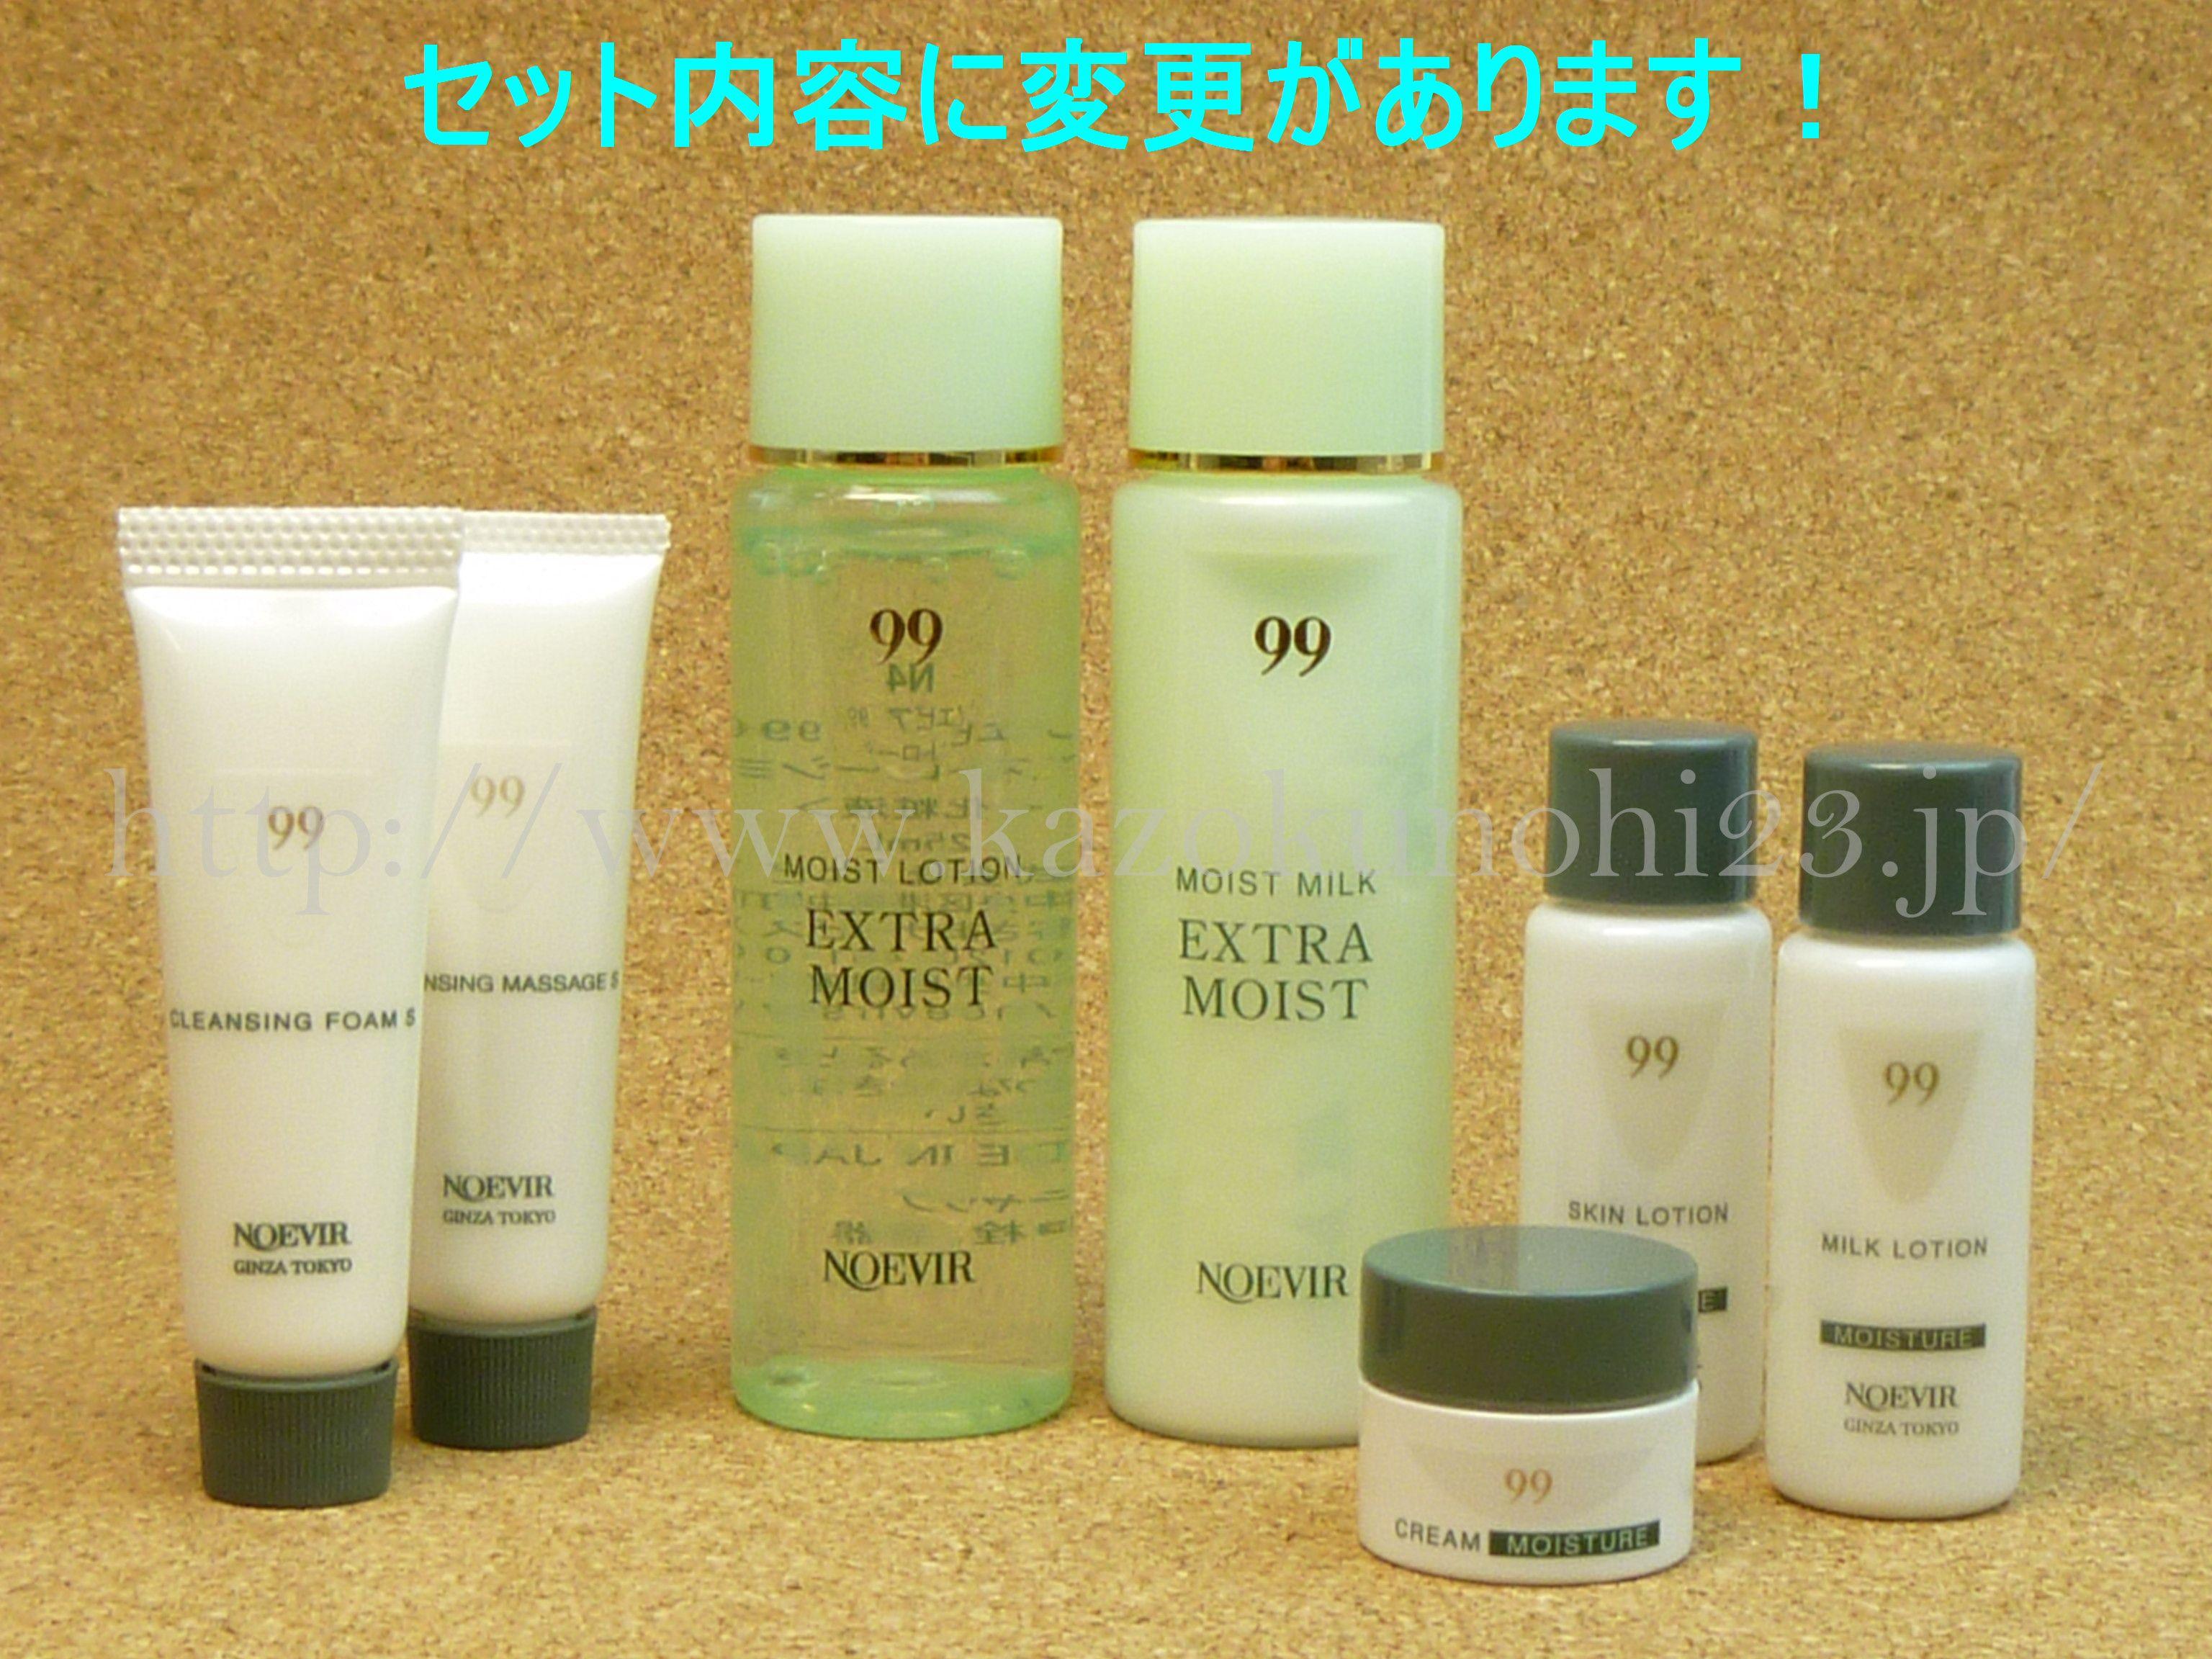 自然派基礎化粧品ノエビア(NOEVIR)99プラストライアルセット(リッチ)のお試しセットの内容が変更されていました。